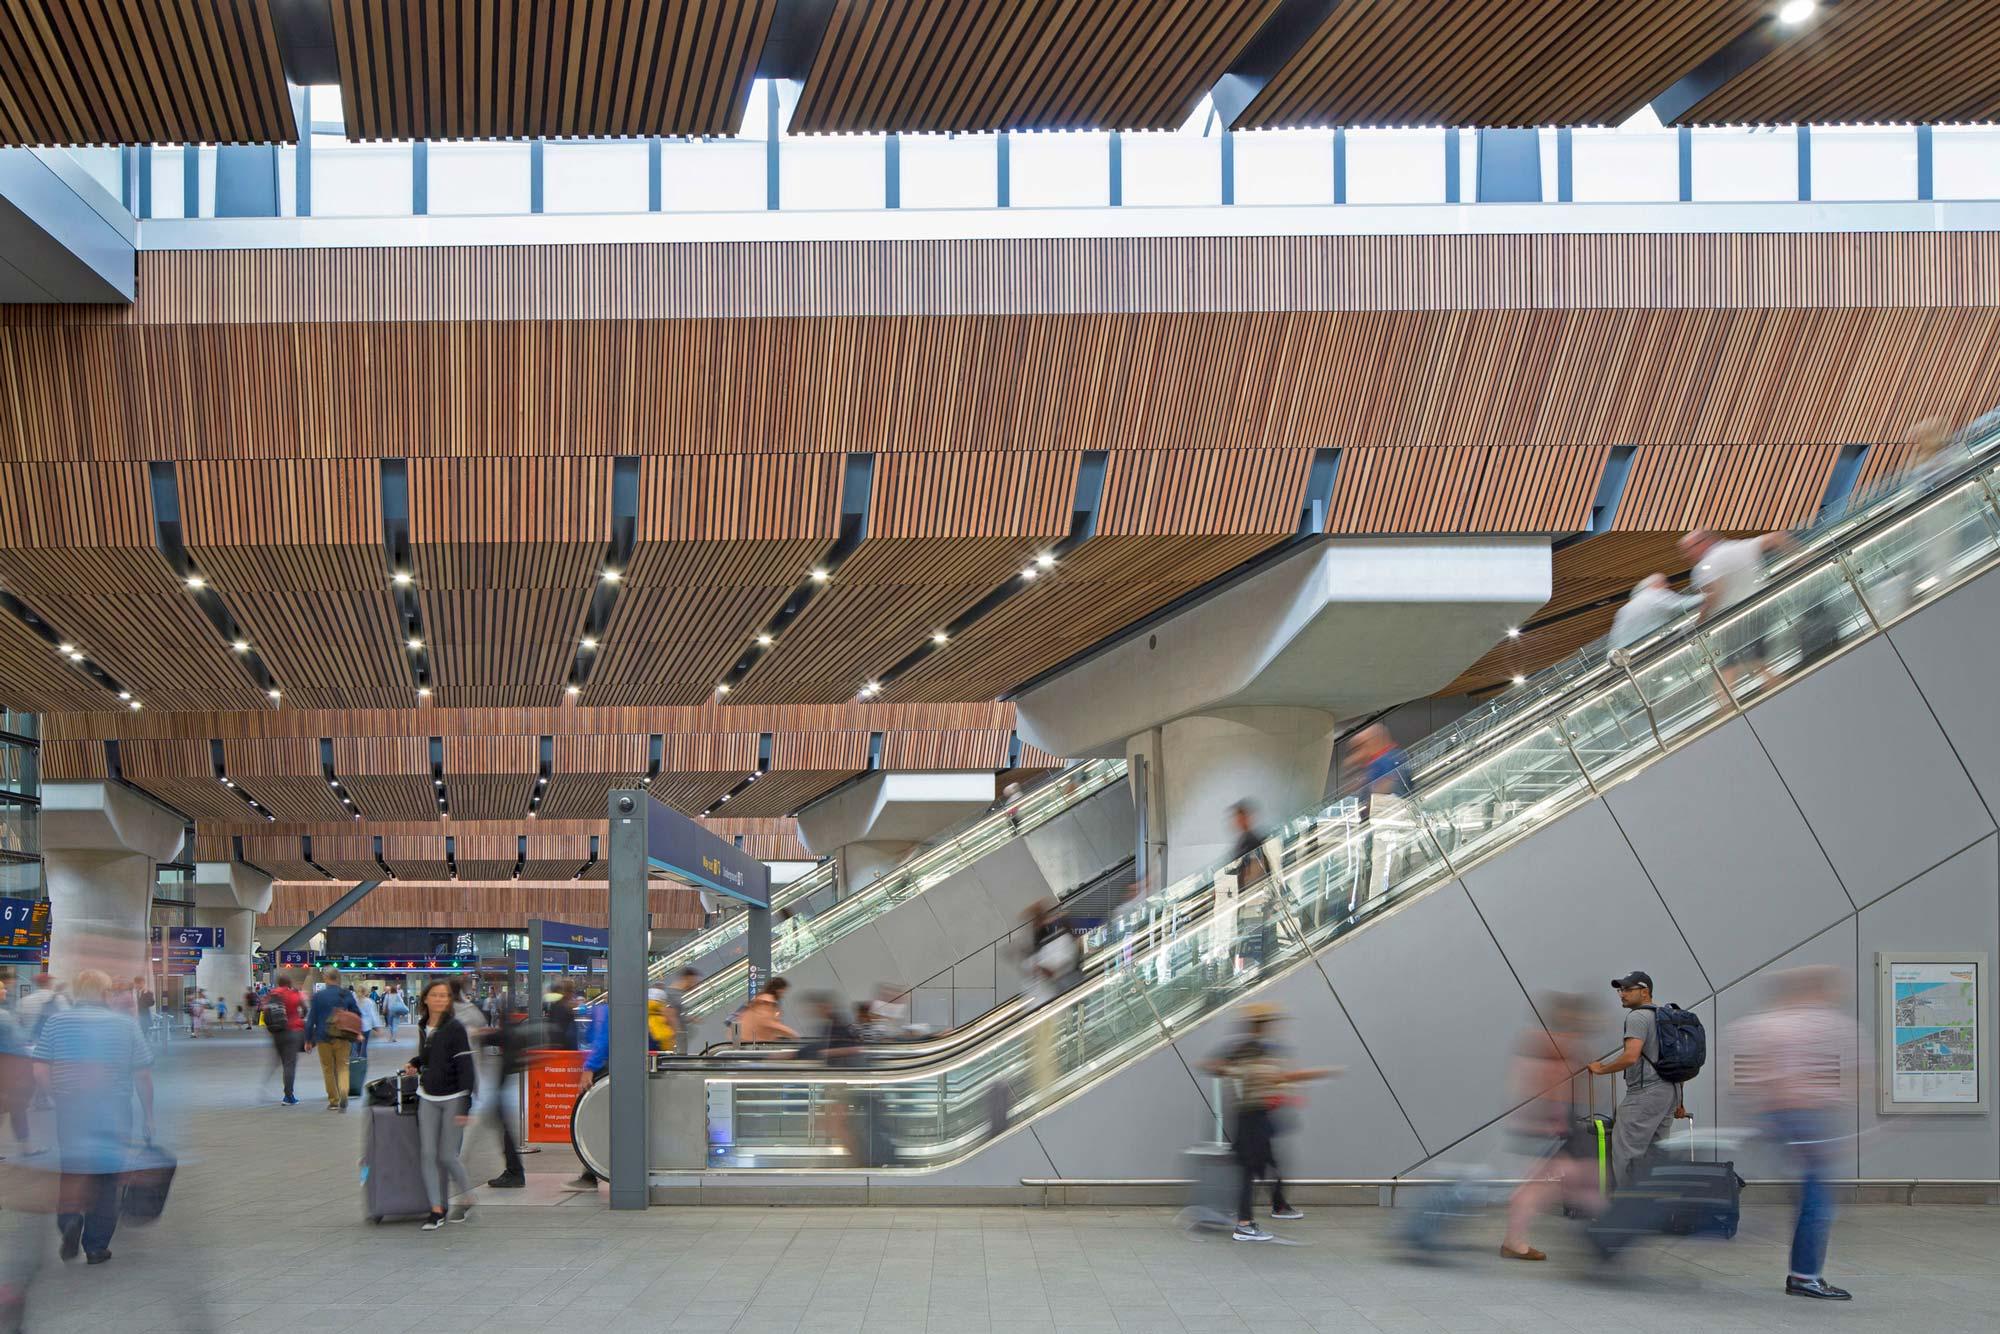 London Bridge Station, Grimshaw, Stirling Prize